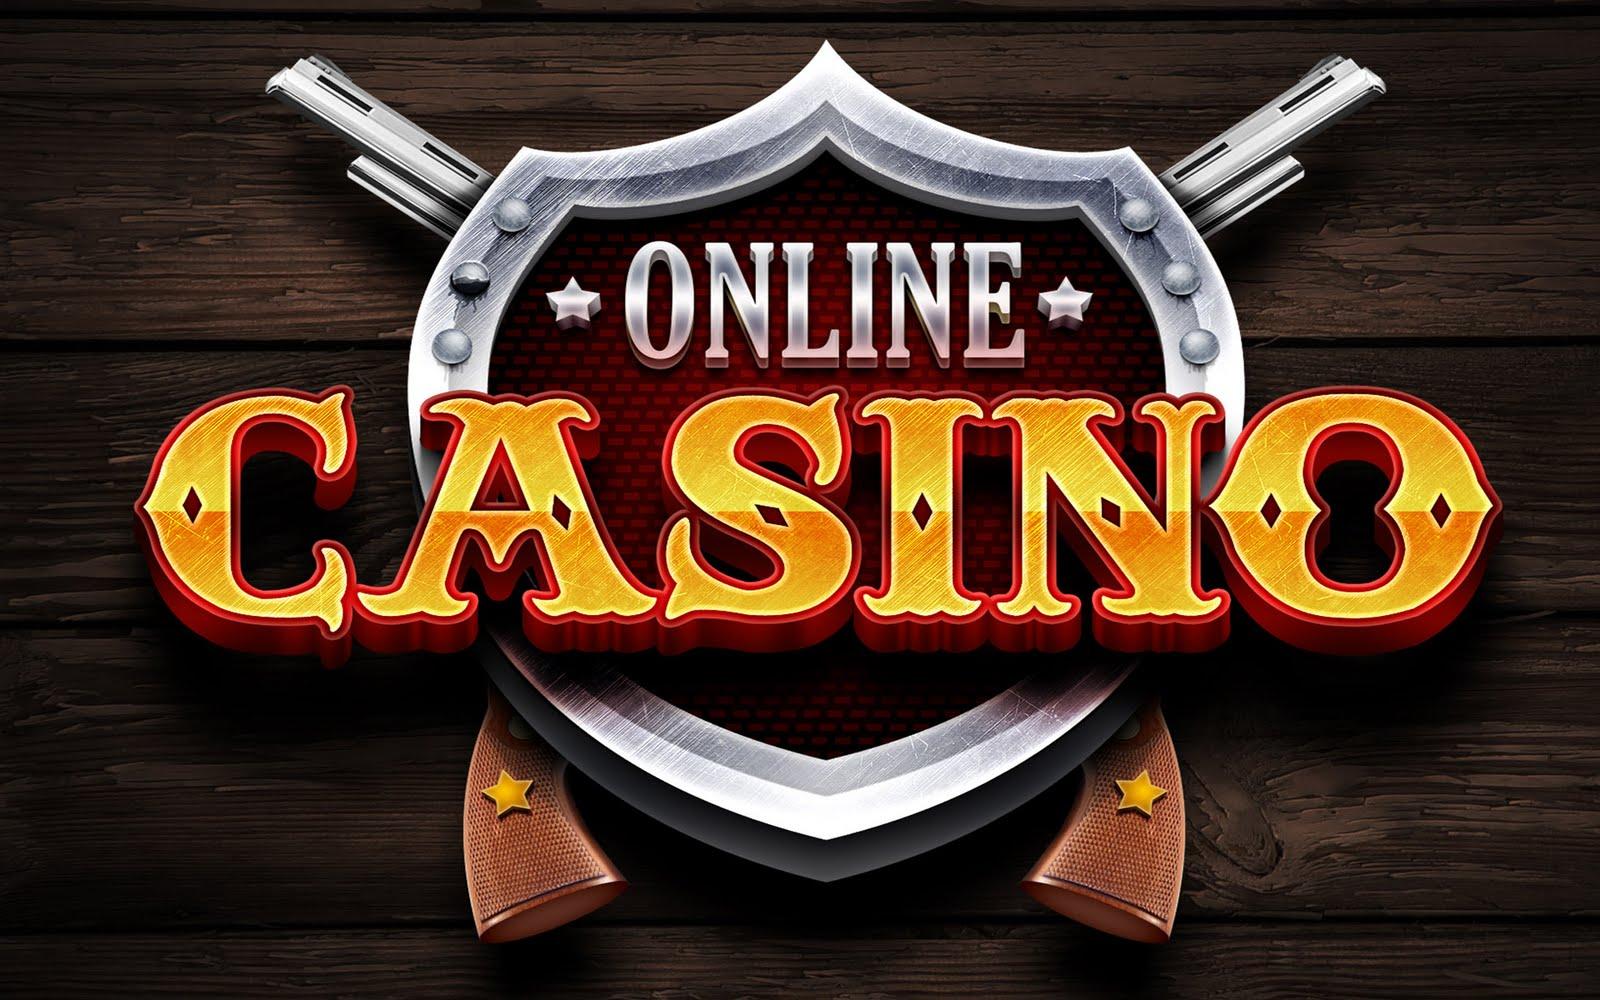 juegos+de+casino+online.jpg